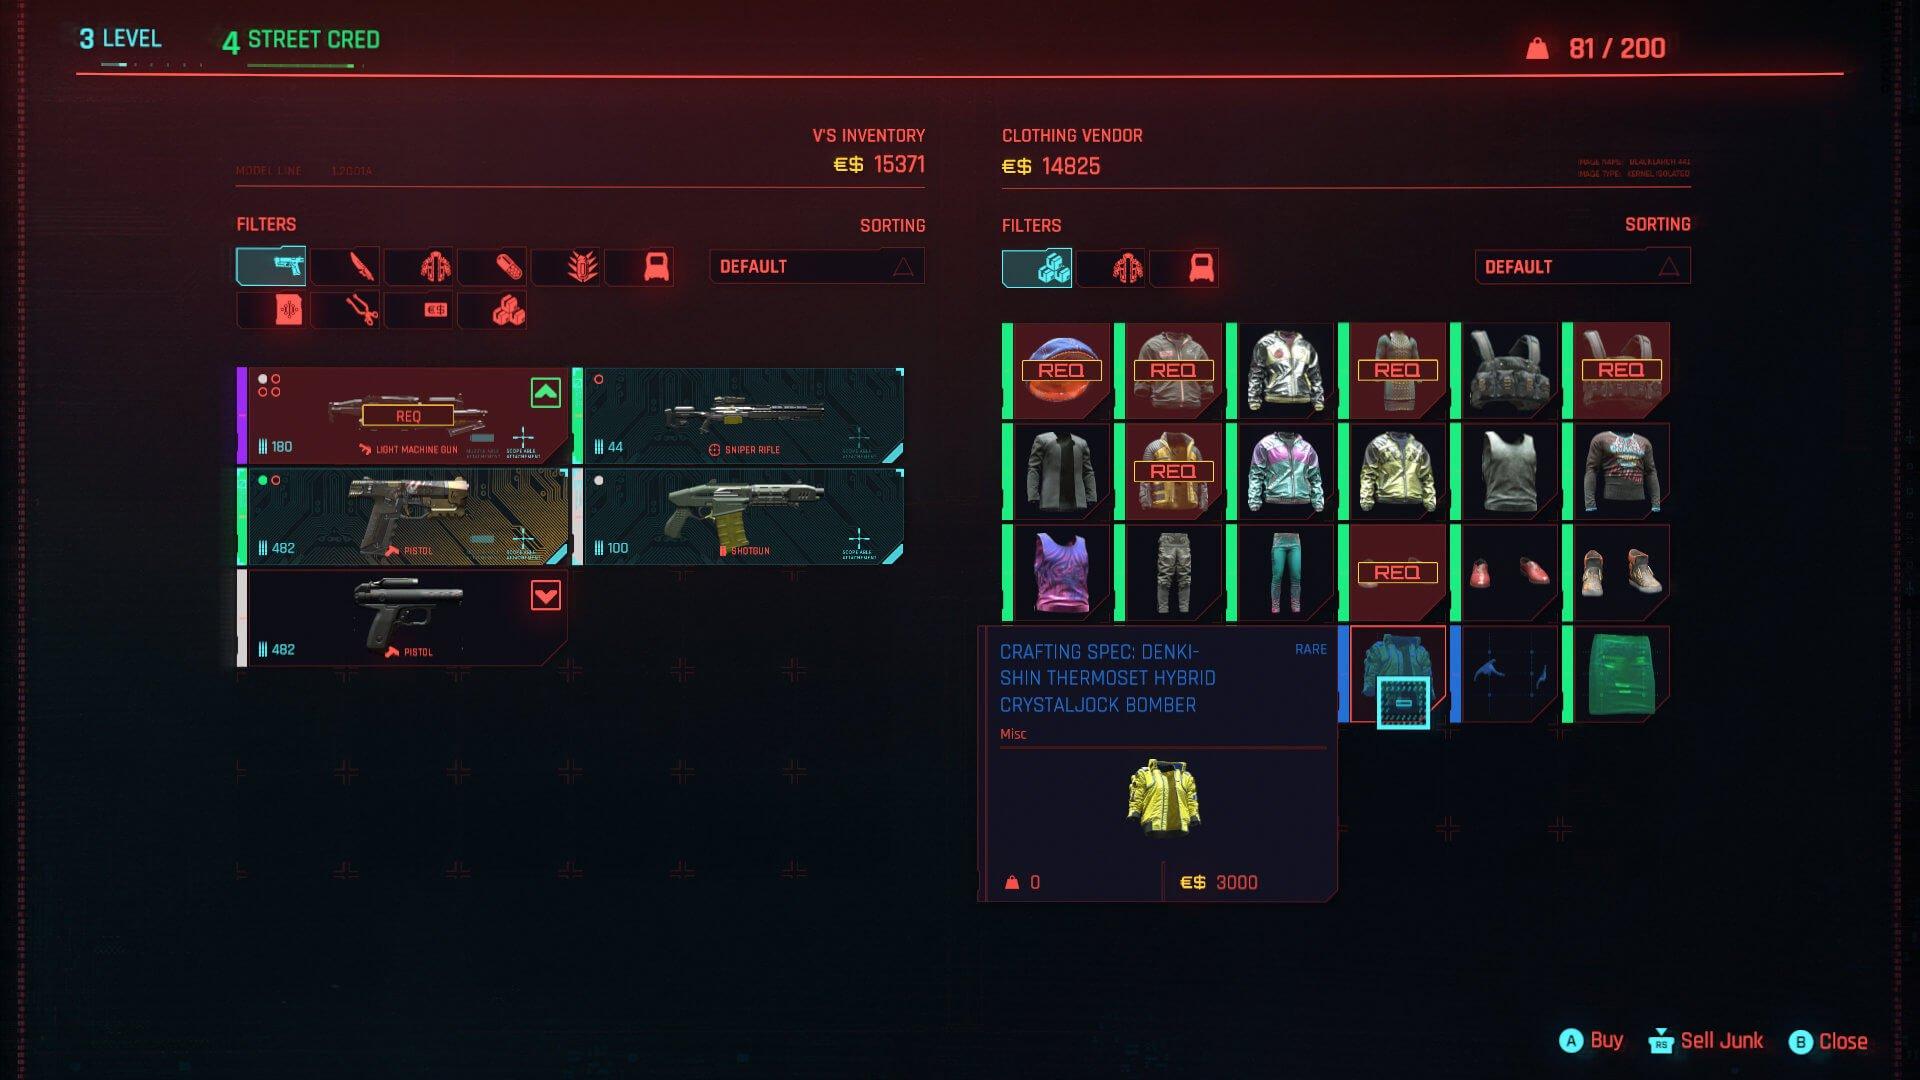 Cyberpunk 2077 Herstellungsspezifikationen